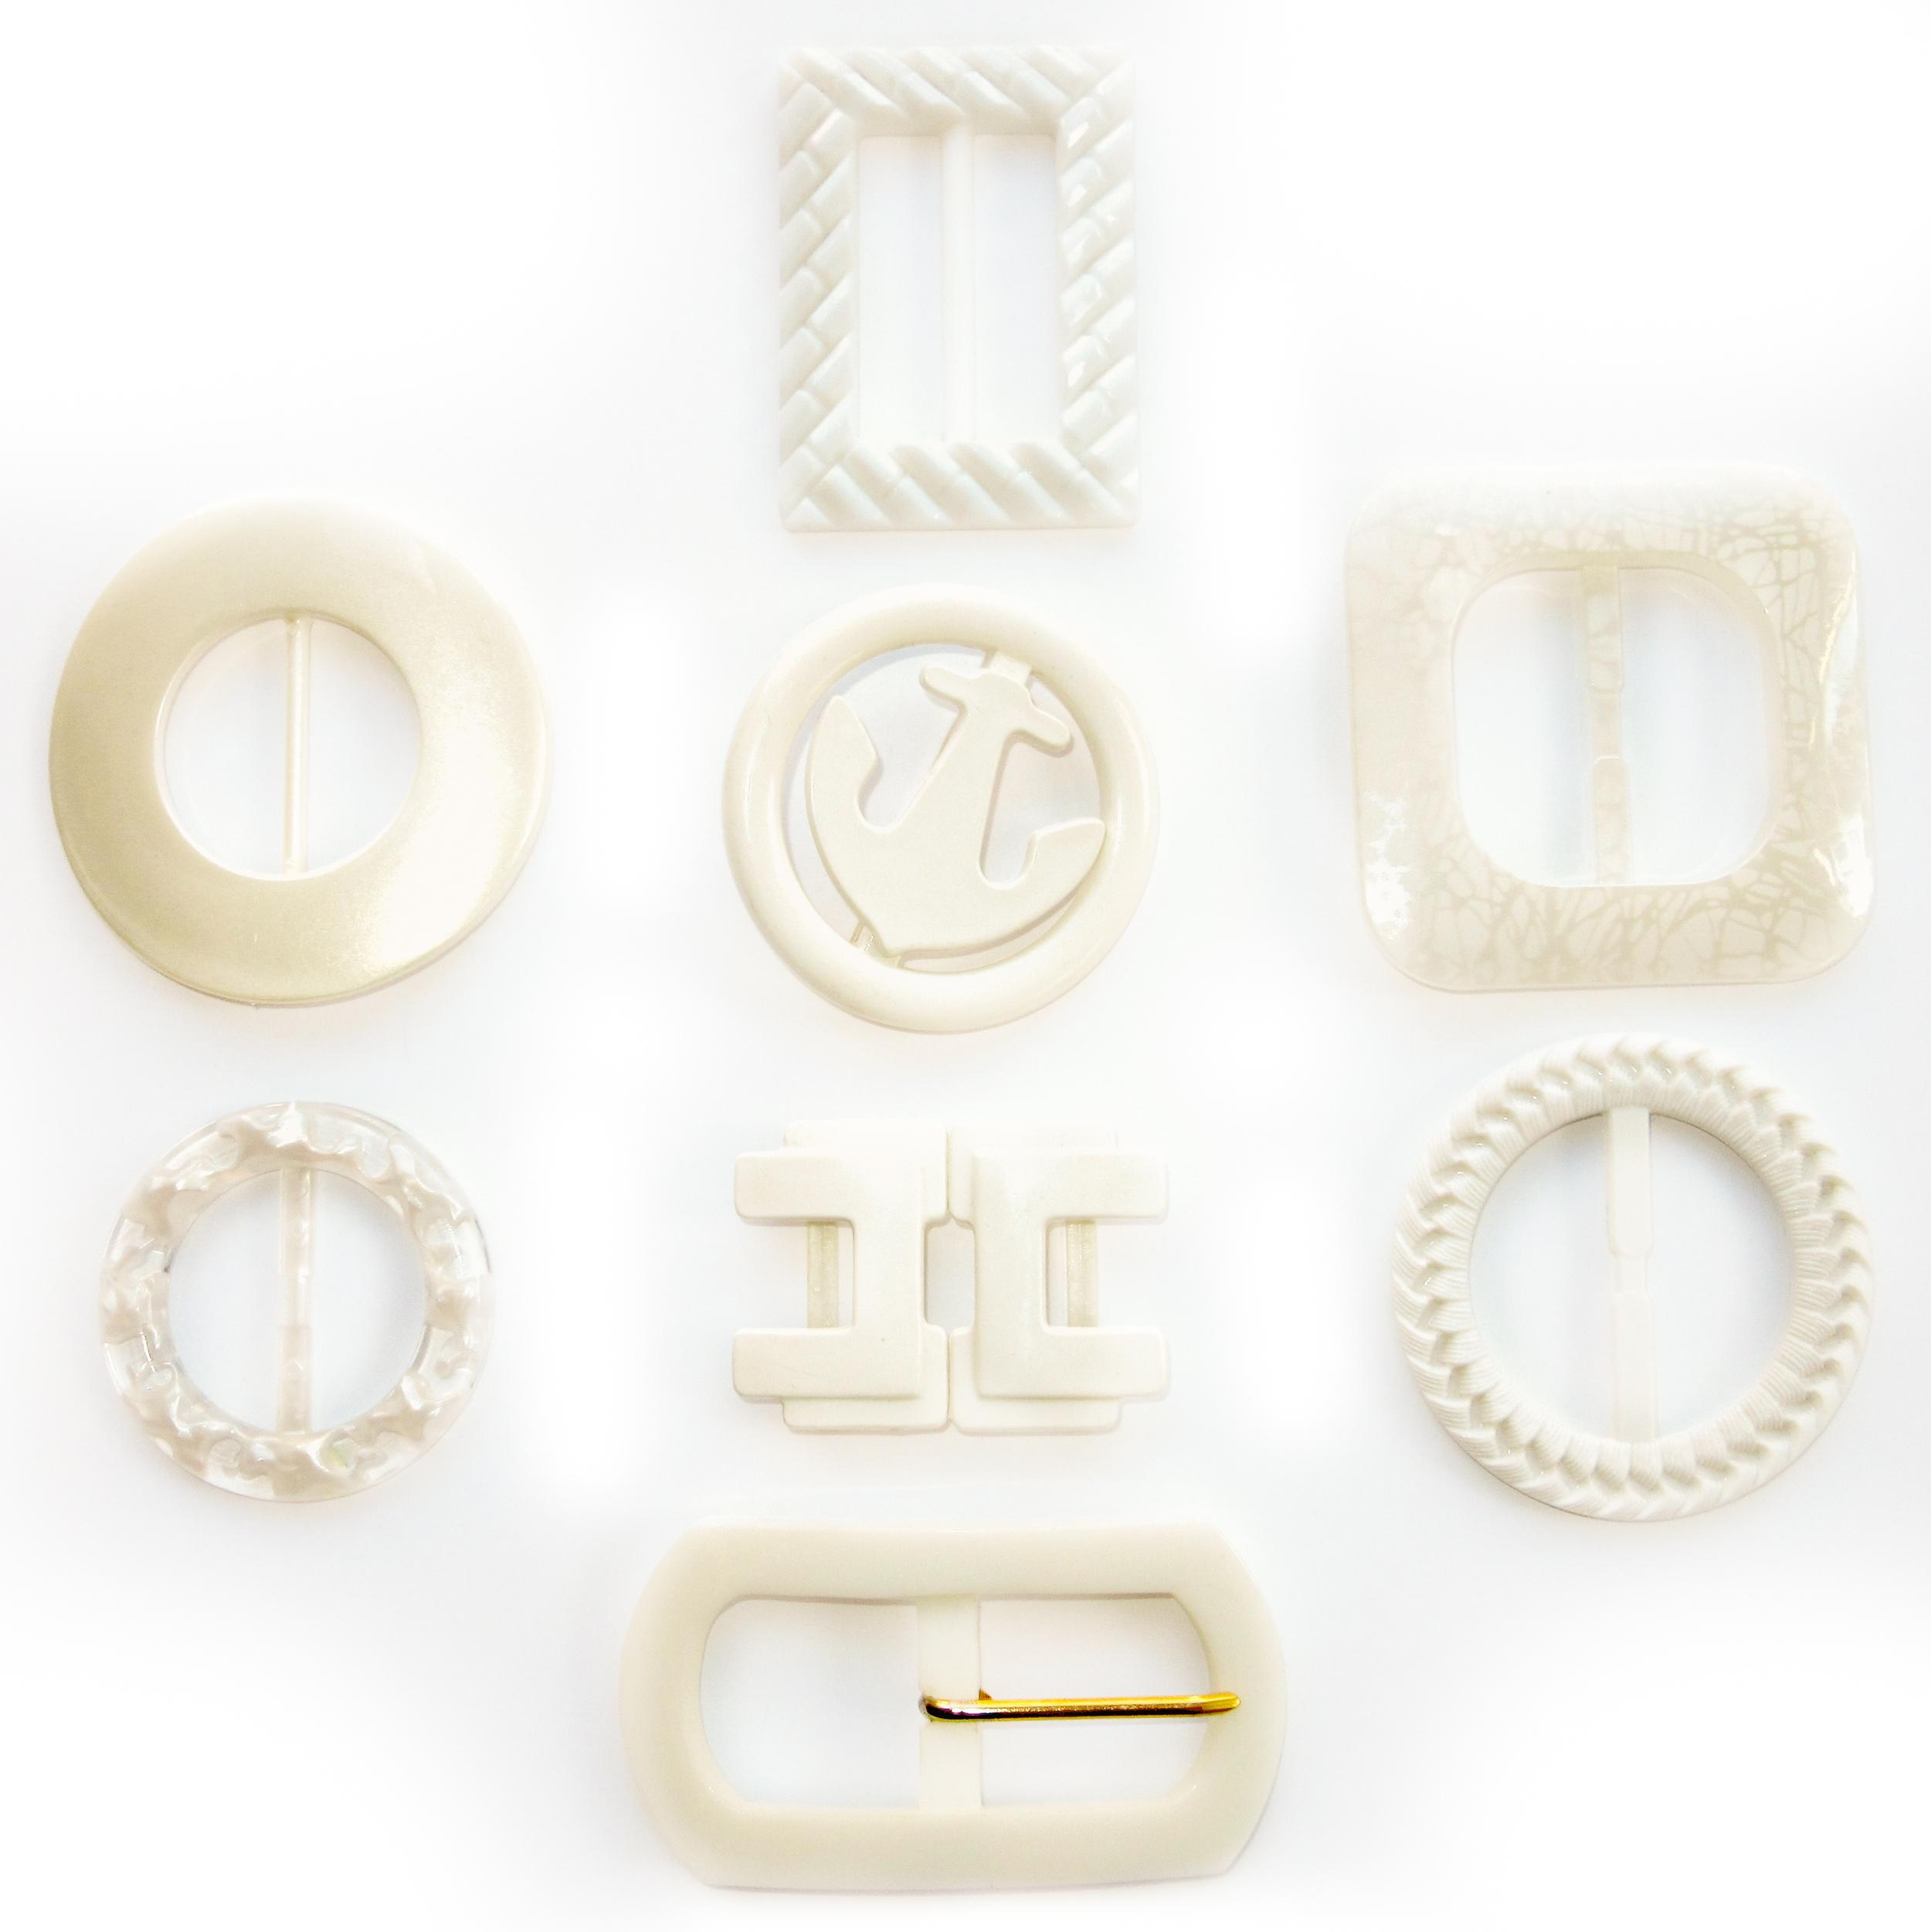 White plastic belt buckles